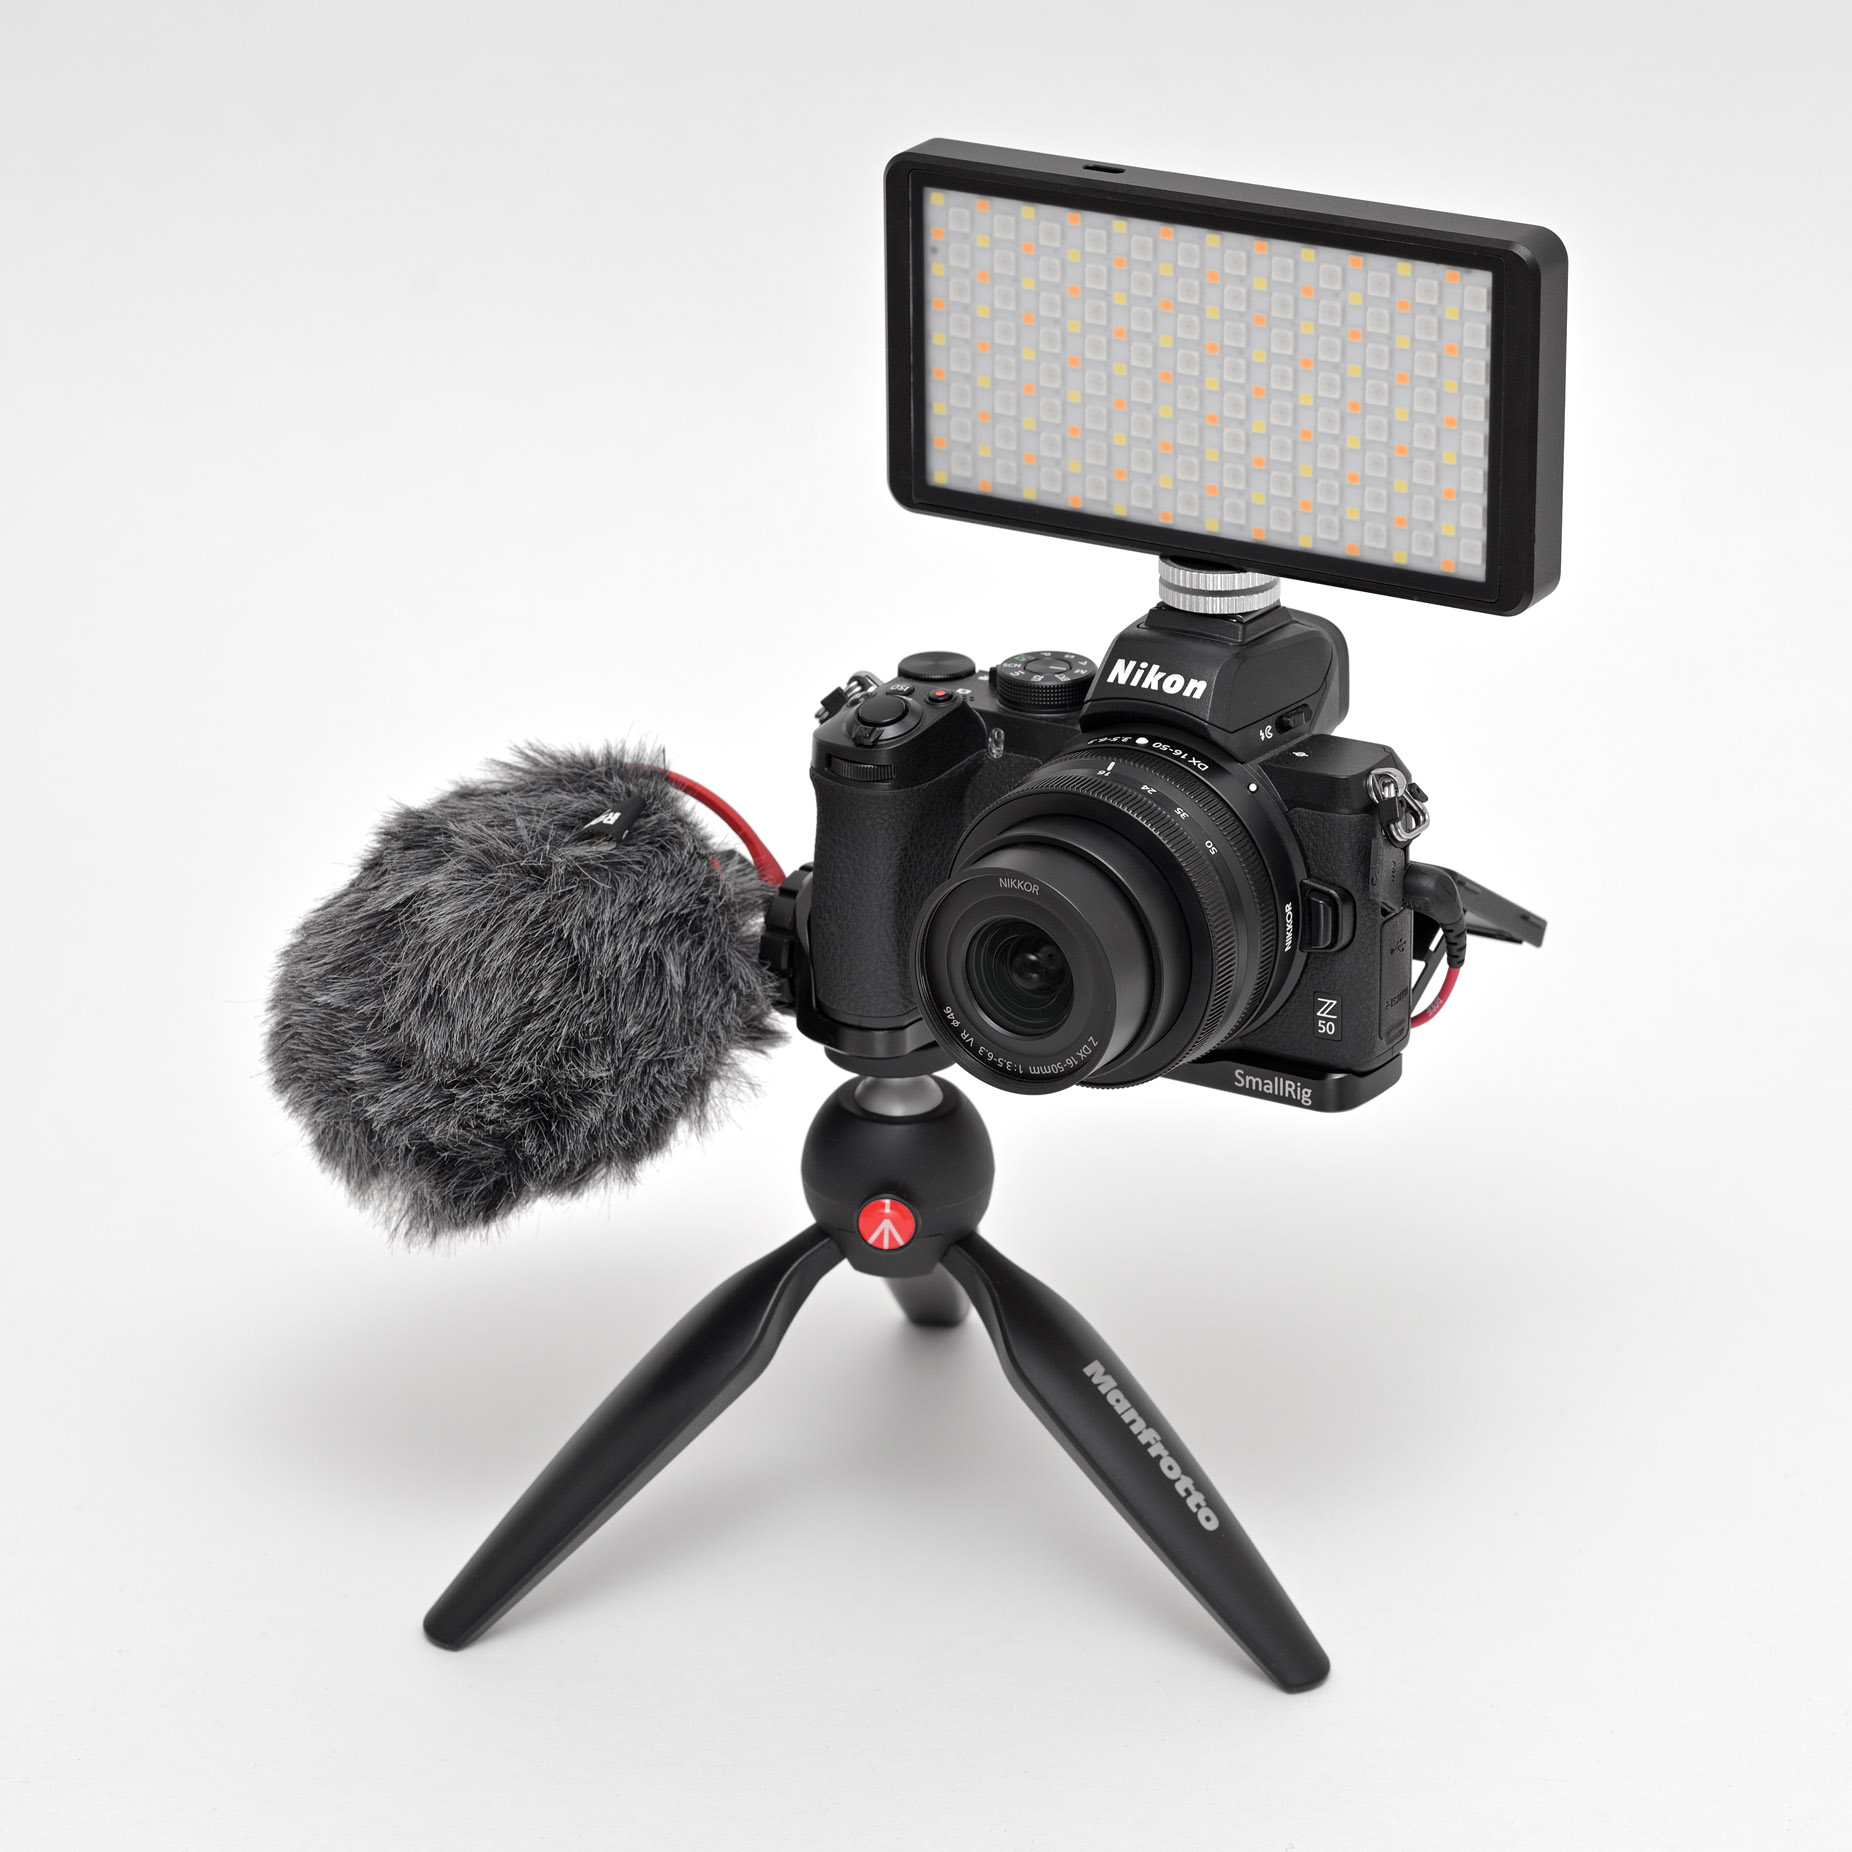 Využití upevňovací lišty SmallRig při práci s videosvětlem